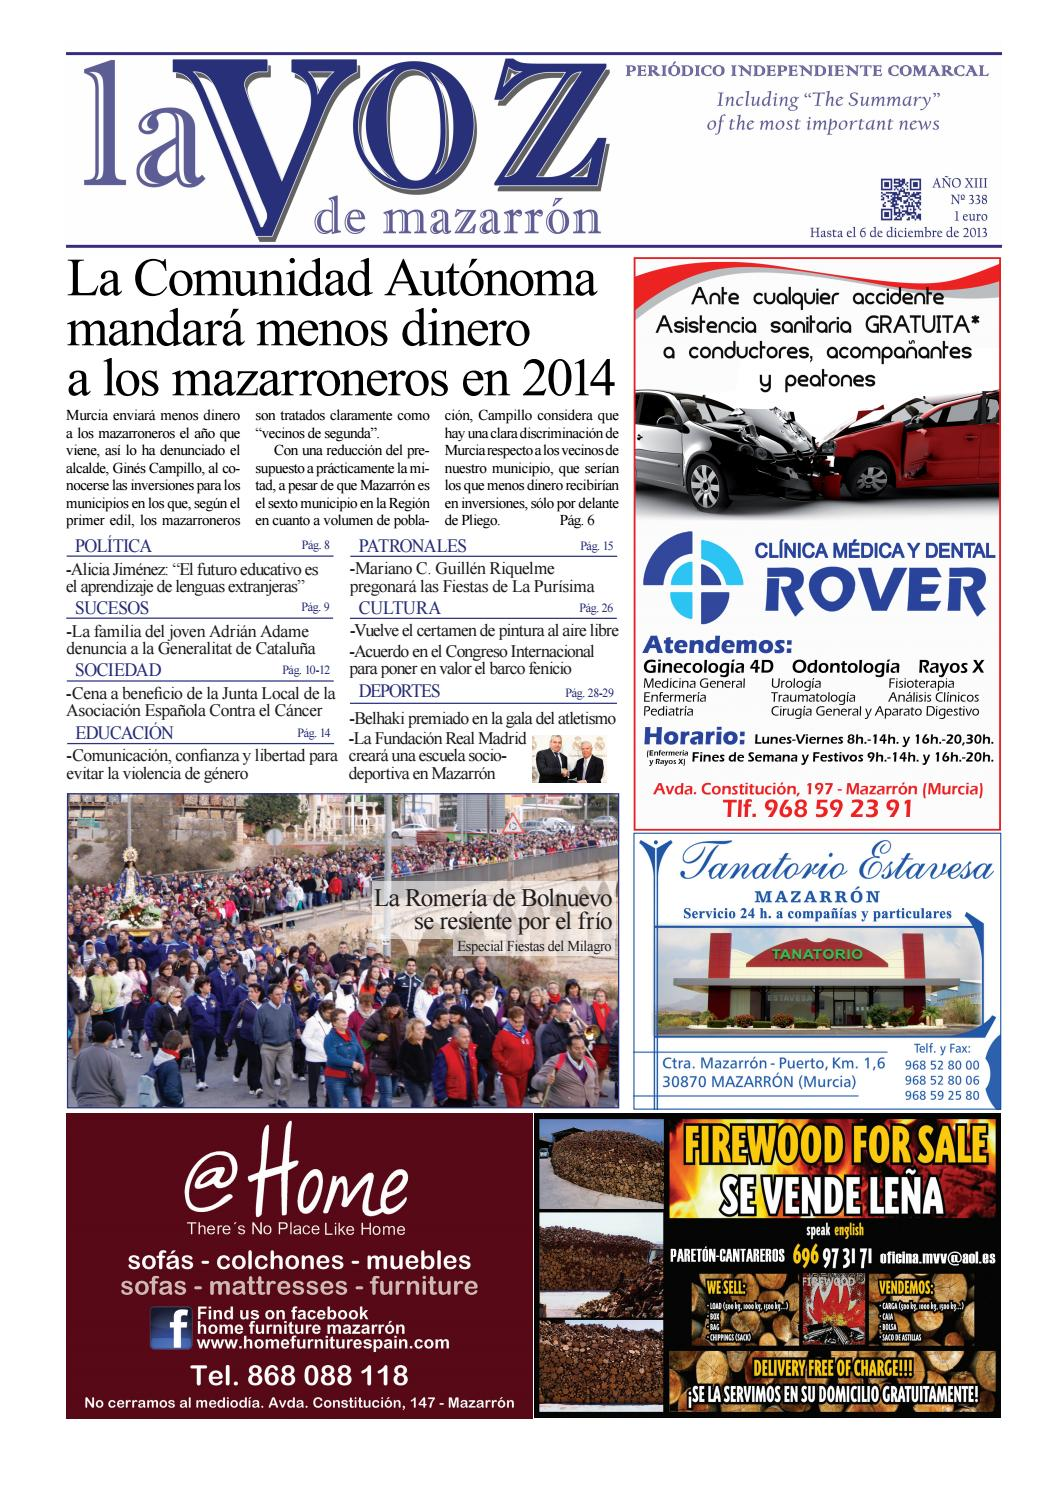 Voz338 by La Voz de Mazarrón (Periódico) - issuu